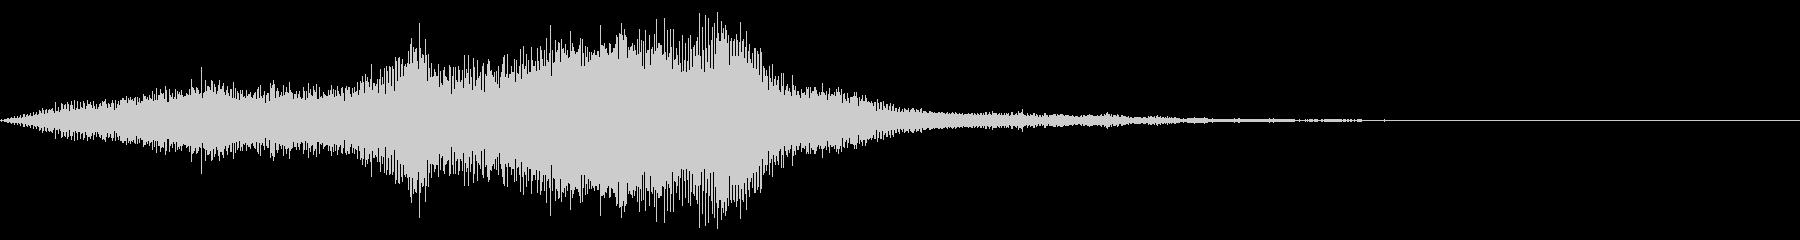 空間系の魔法音の未再生の波形